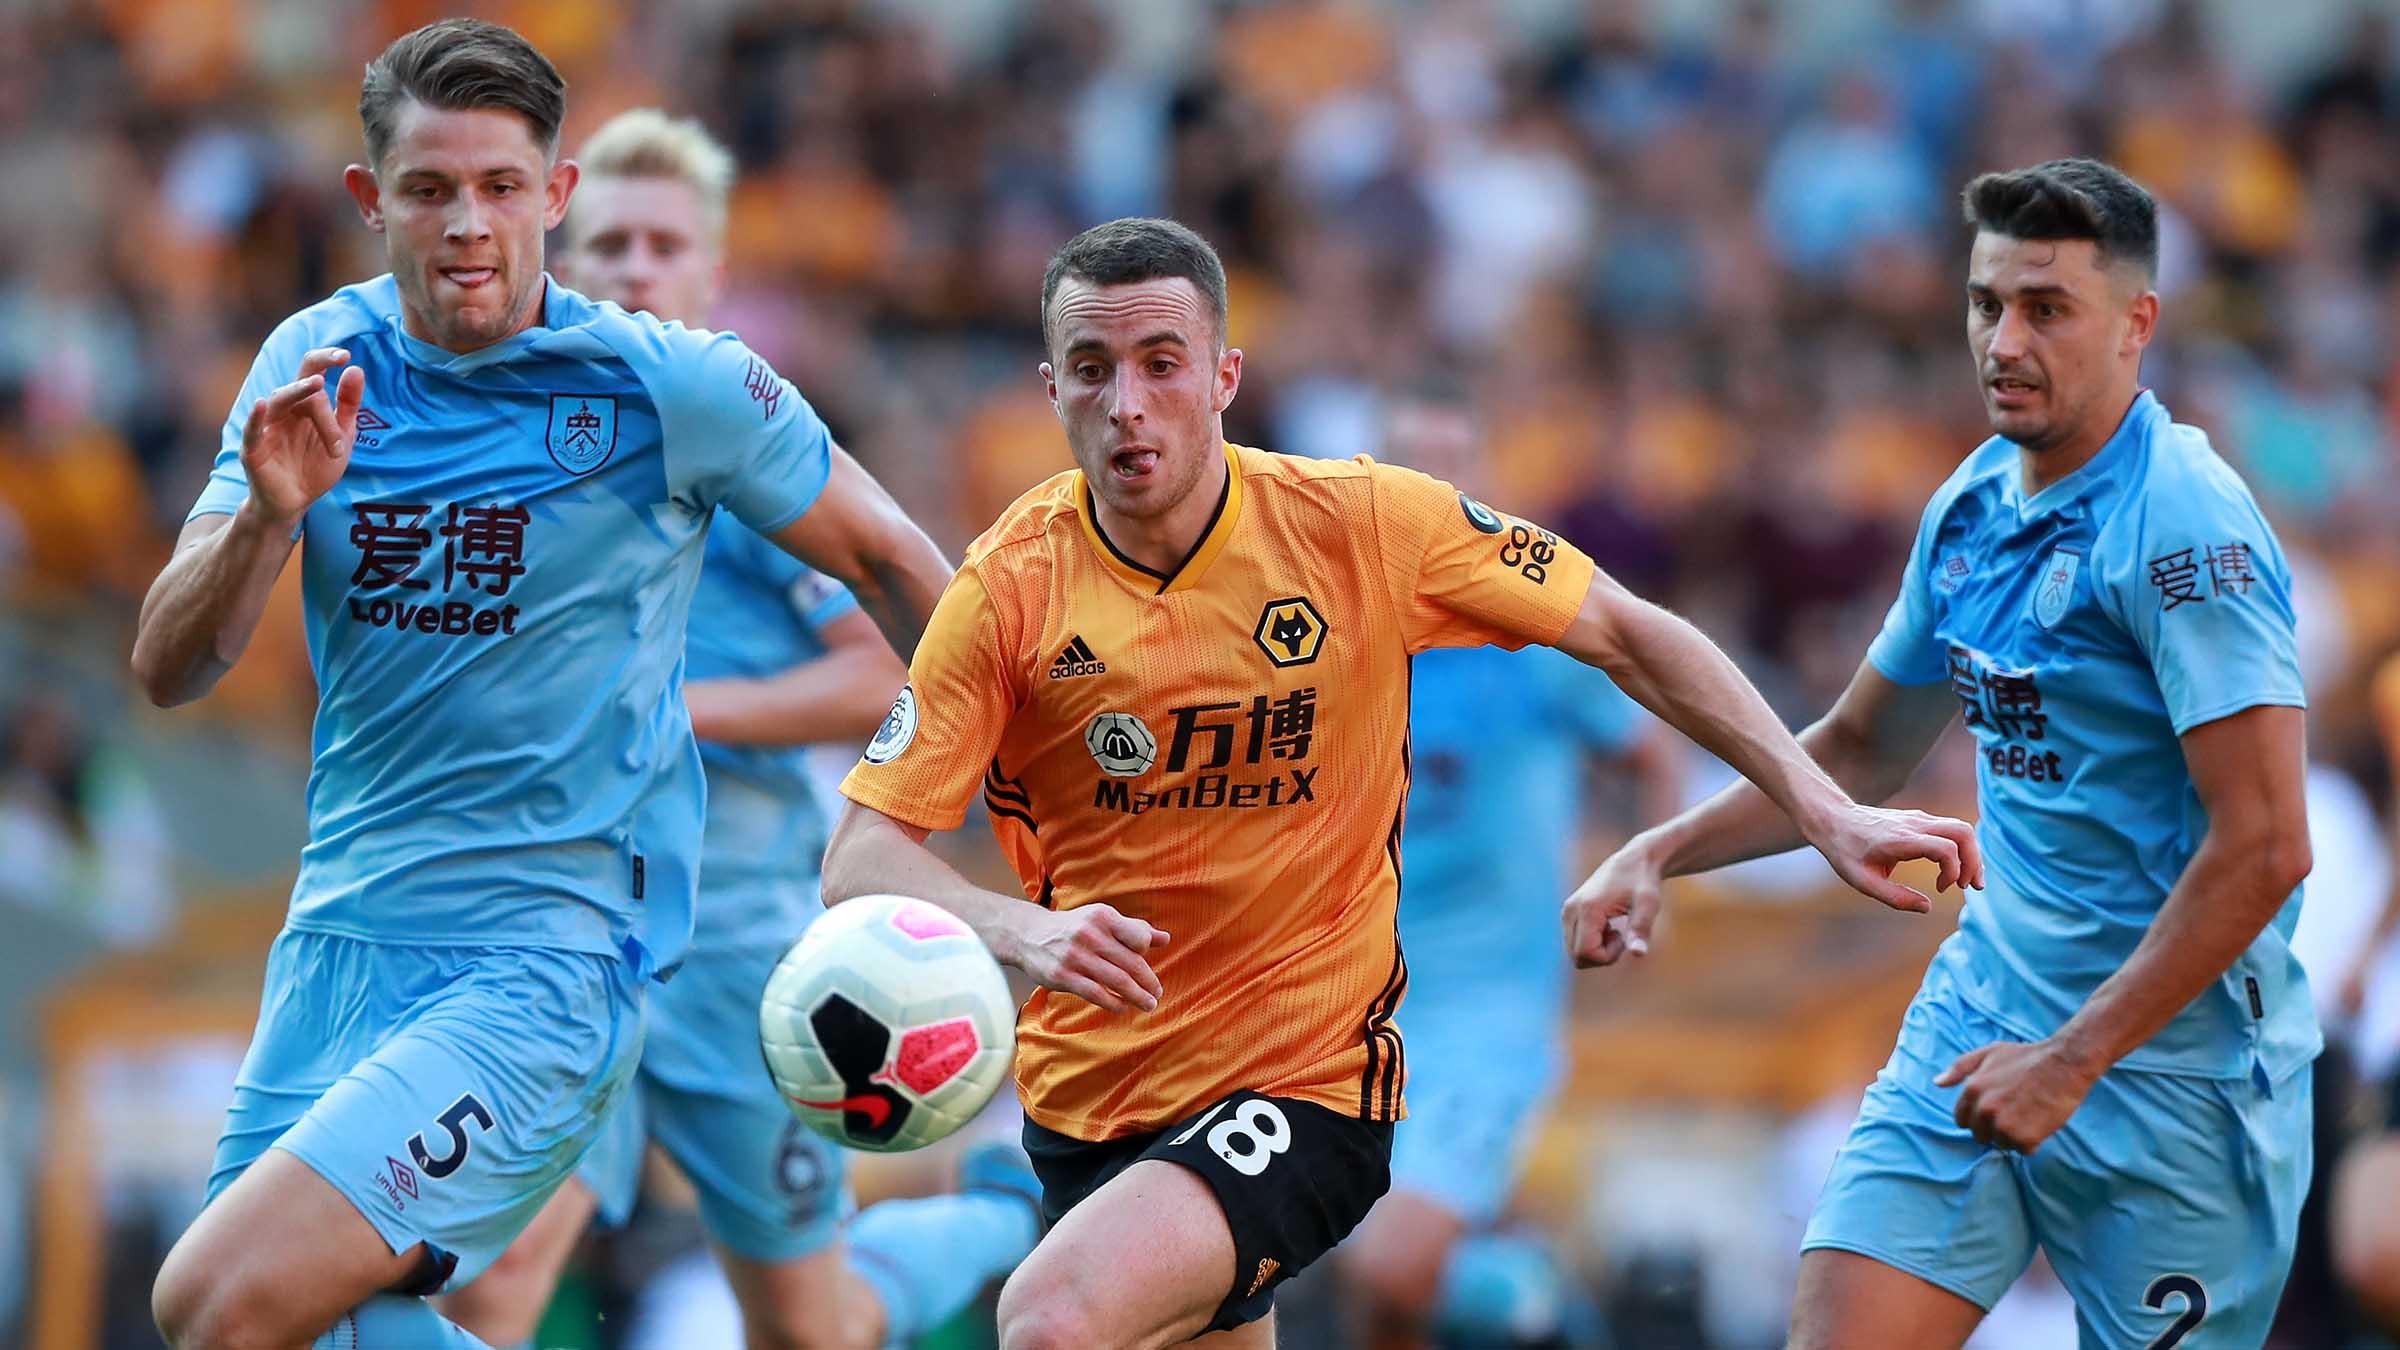 Further fixtures confirmed   Wolverhampton Wanderers FC